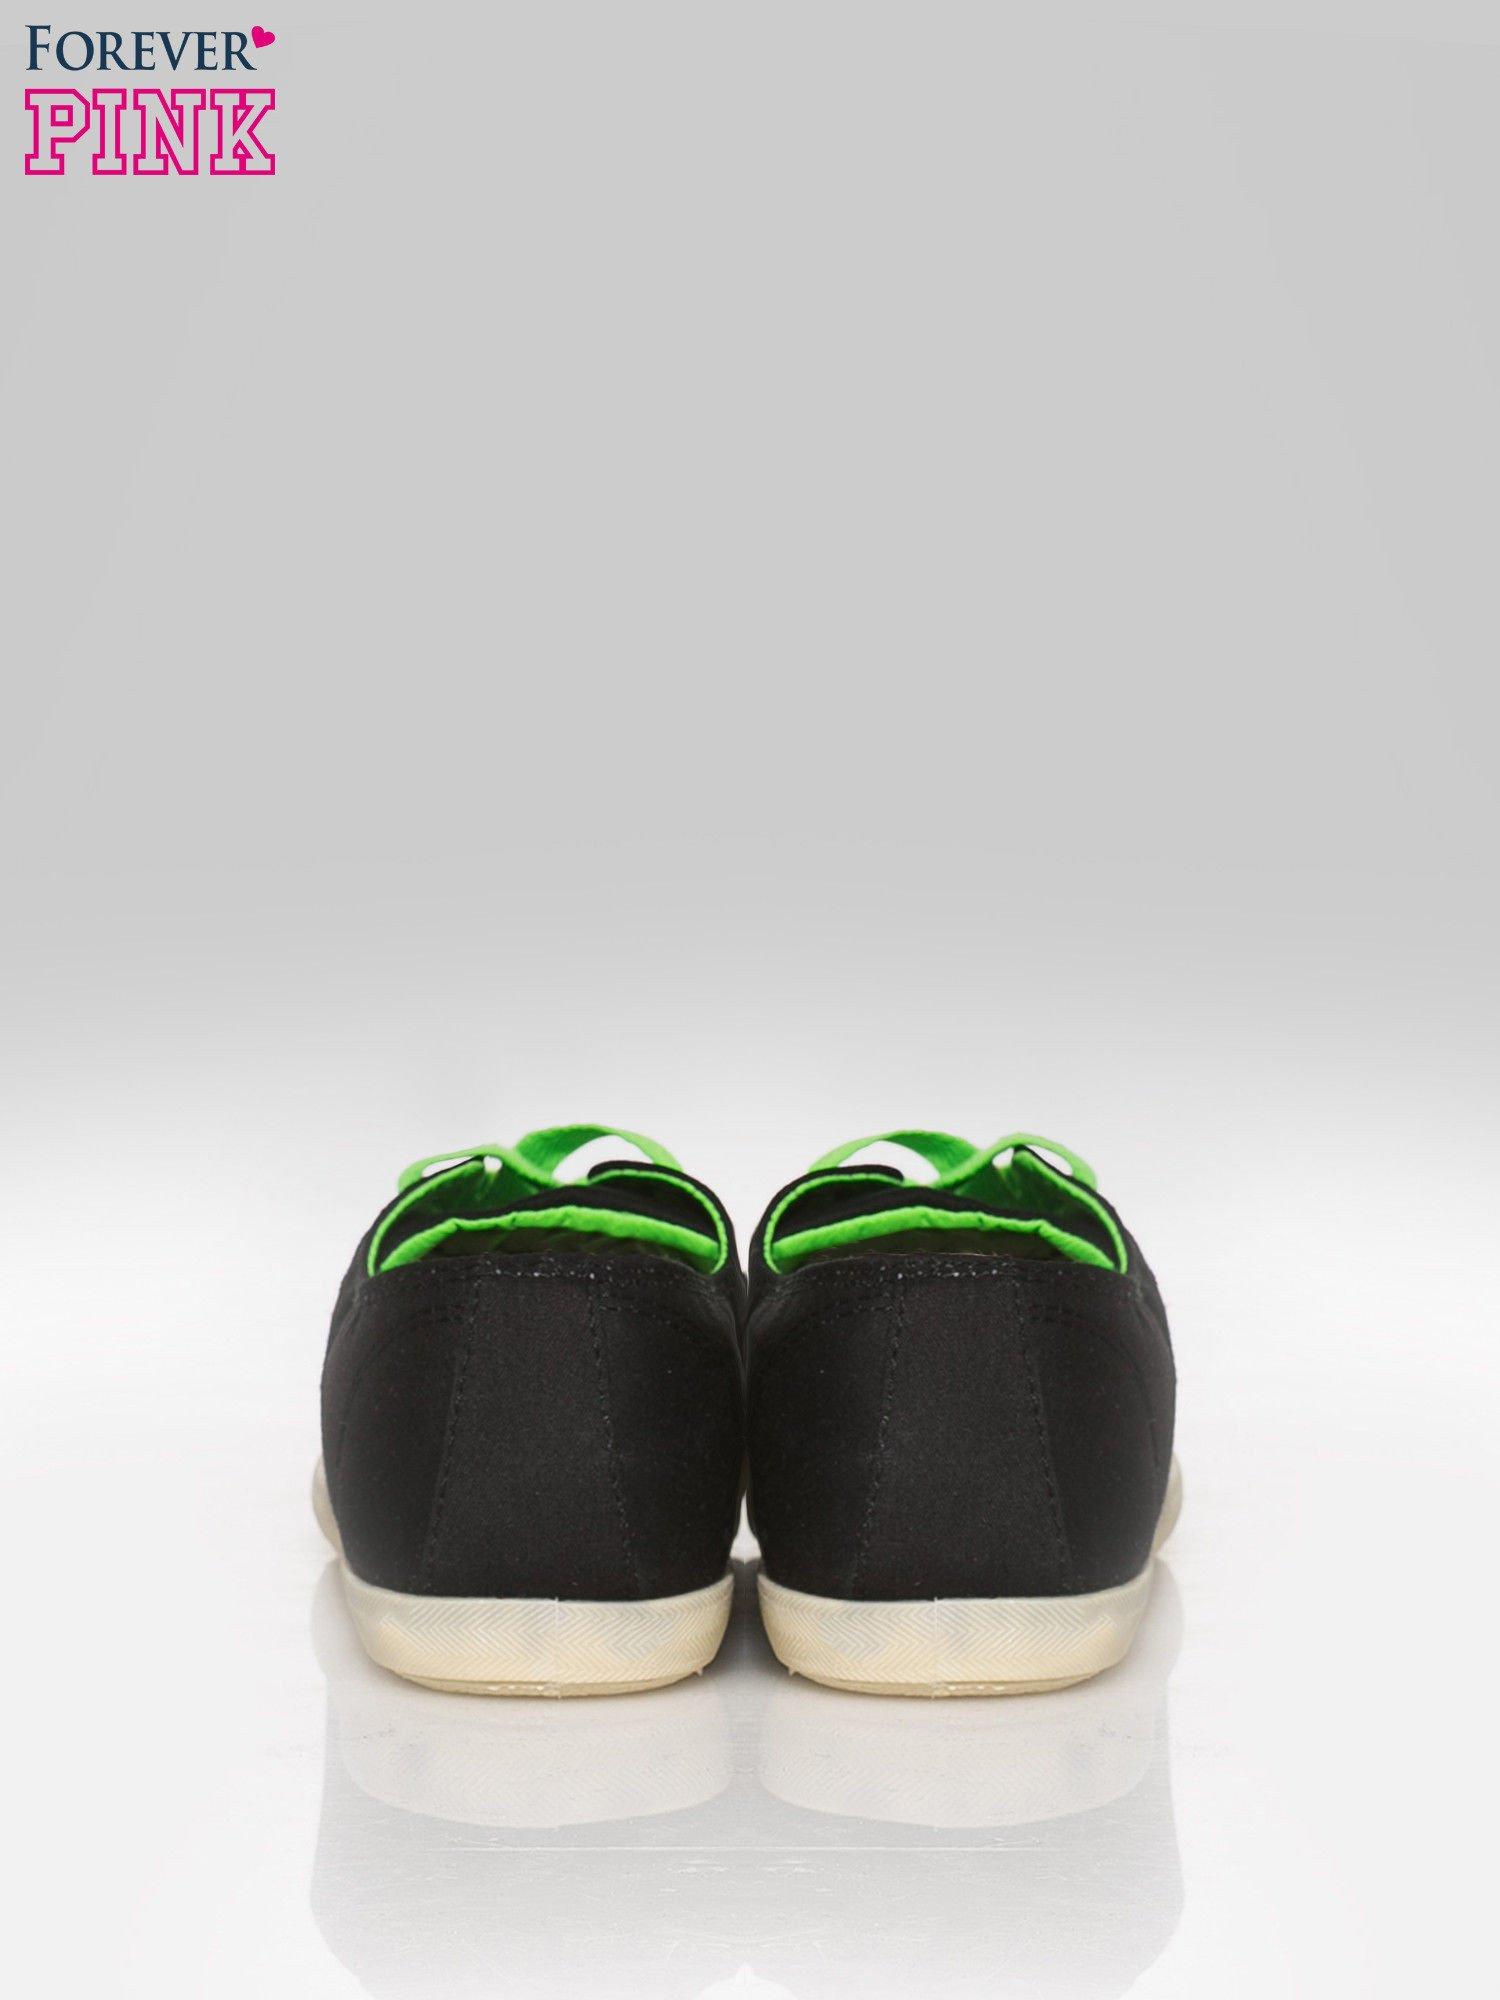 Czarne tenisówki damskie z zielonymi sznurówkami + GRATIS BIAŁE SZNUROWADŁA                                  zdj.                                  3